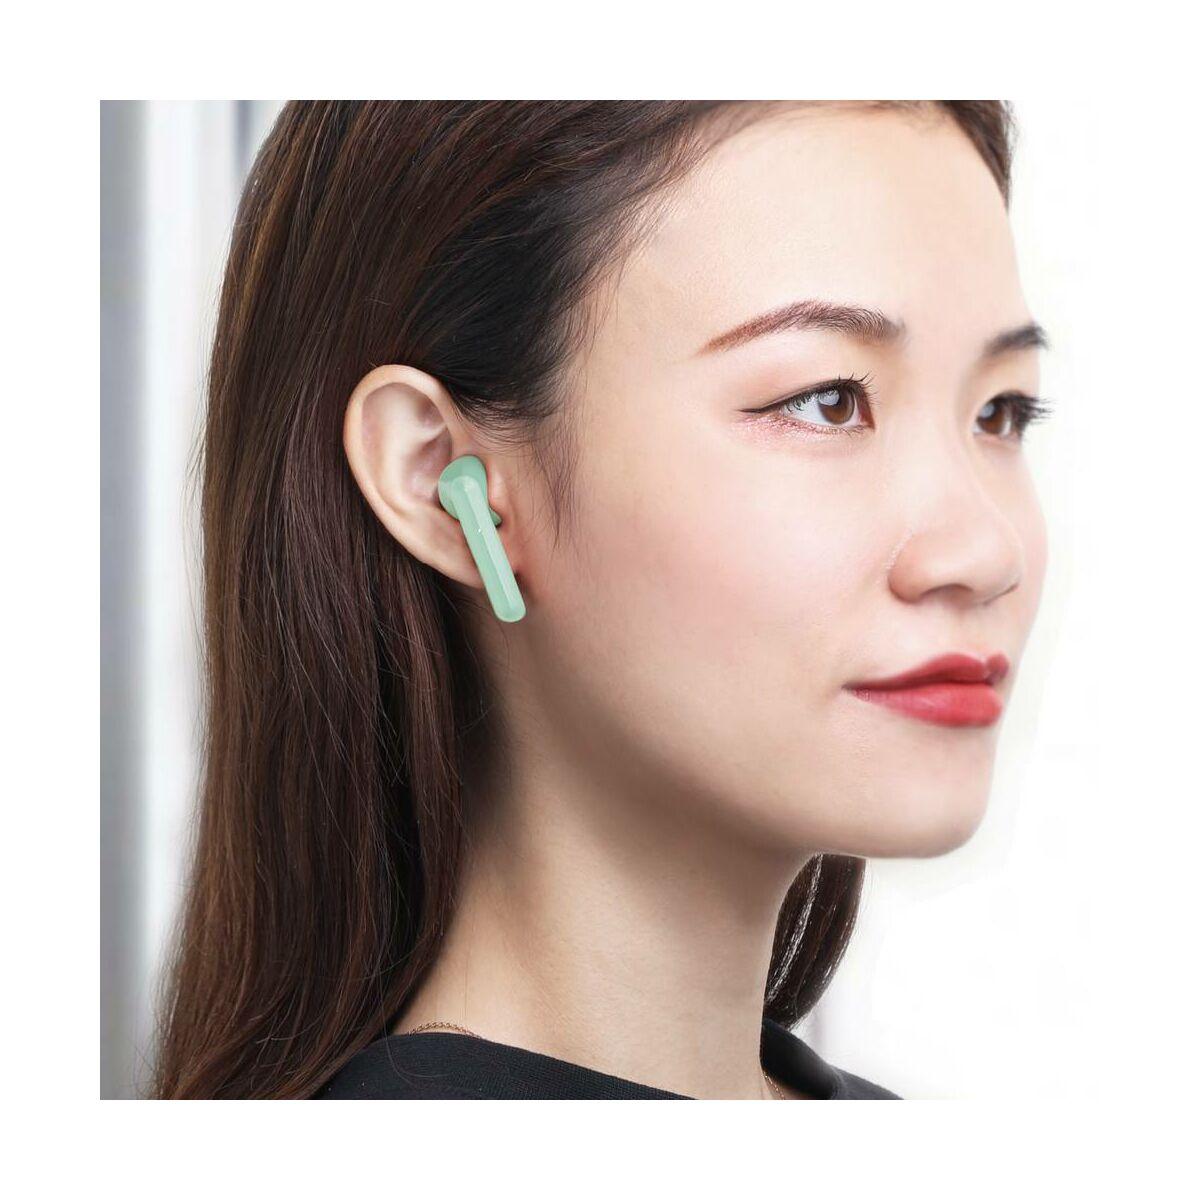 Baseus fülhallgató, Bluetooth Encok W09, True Wireless, vezeték nélküli, BT 5.0 TWS, zöld (NGW09-06)